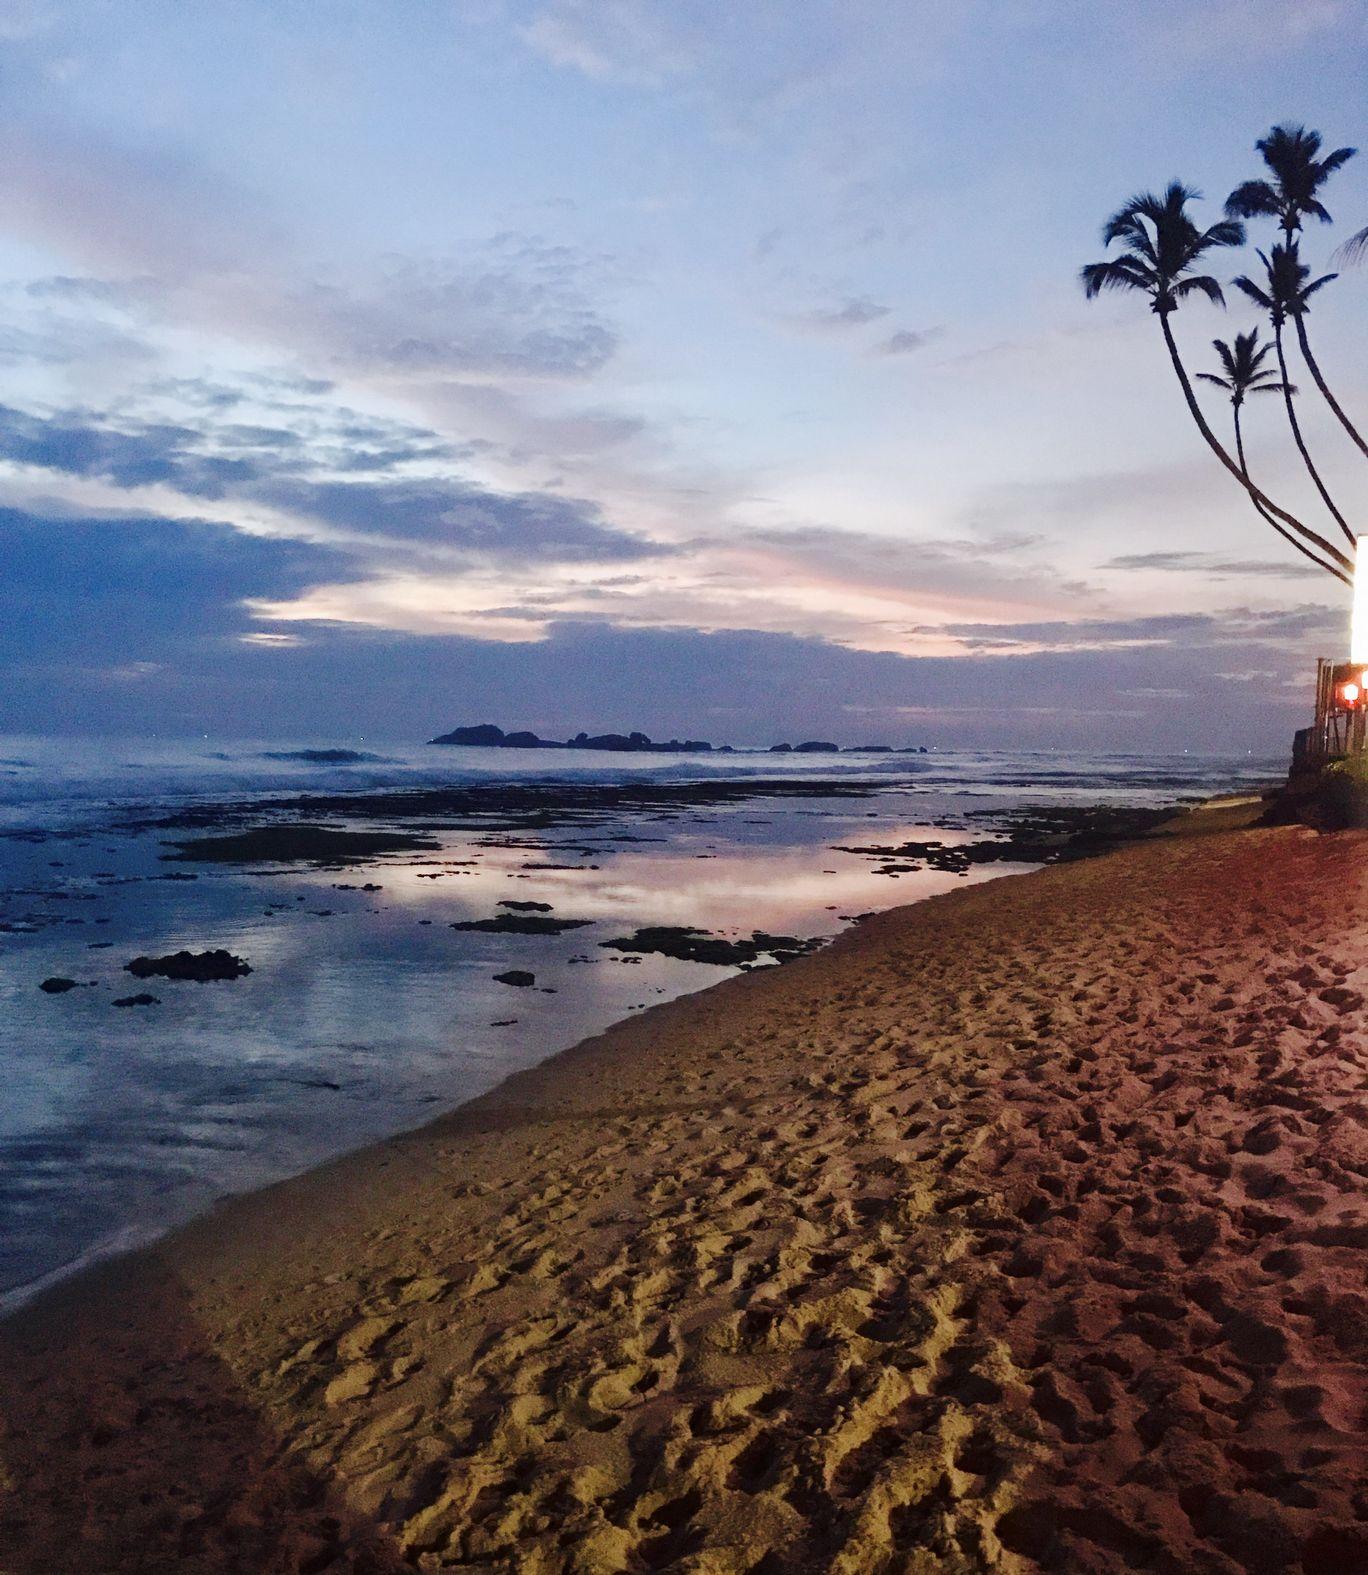 Photo of Sri Lanka By Saurabh Sharma